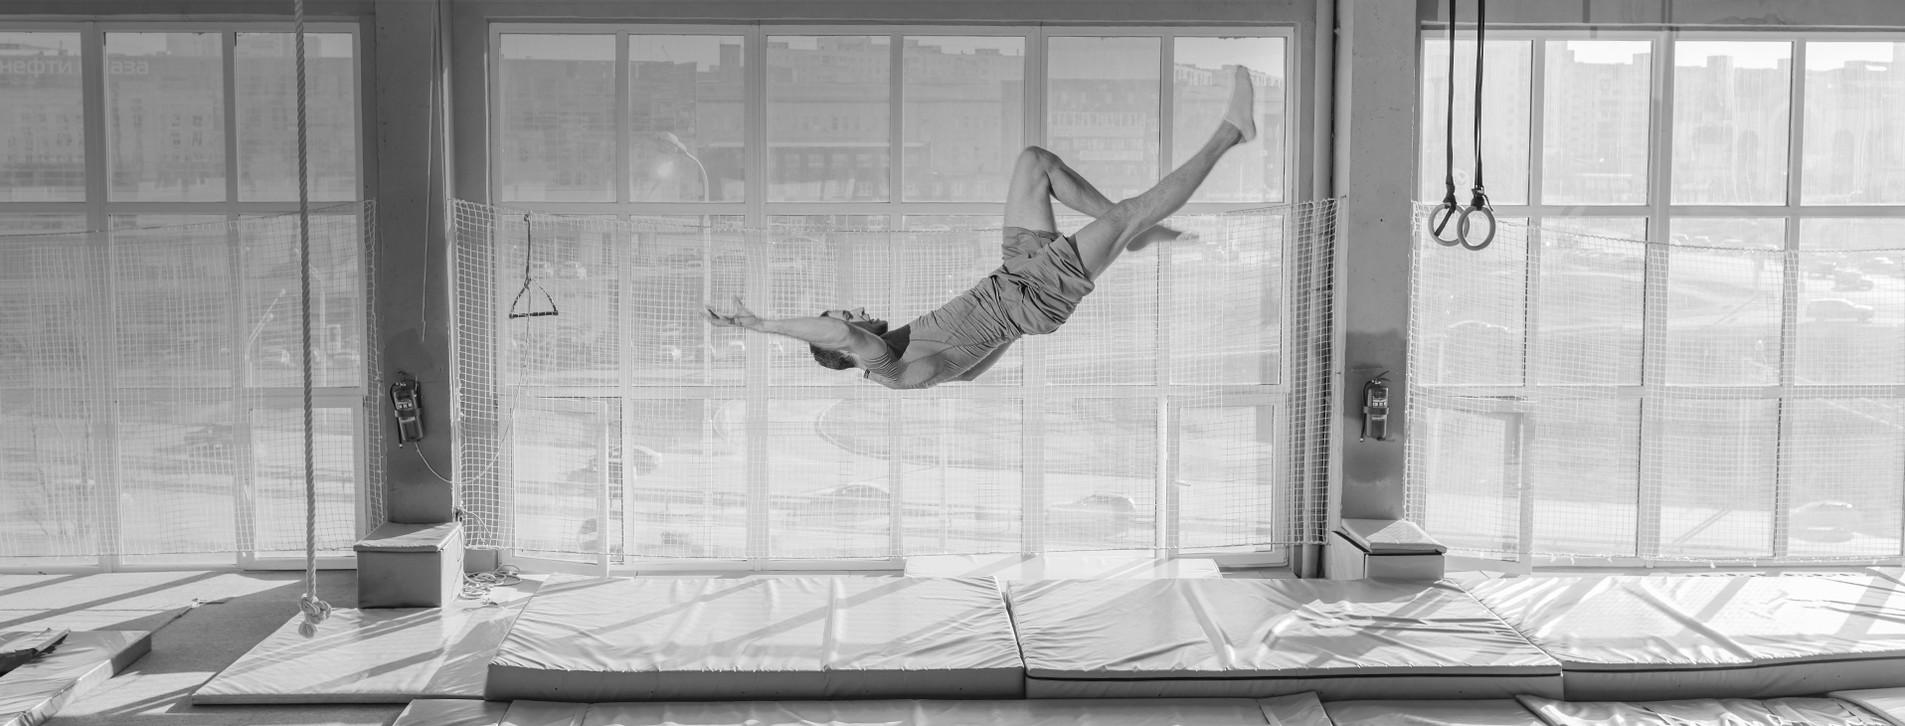 Фото 1 - Прыжки на батуте